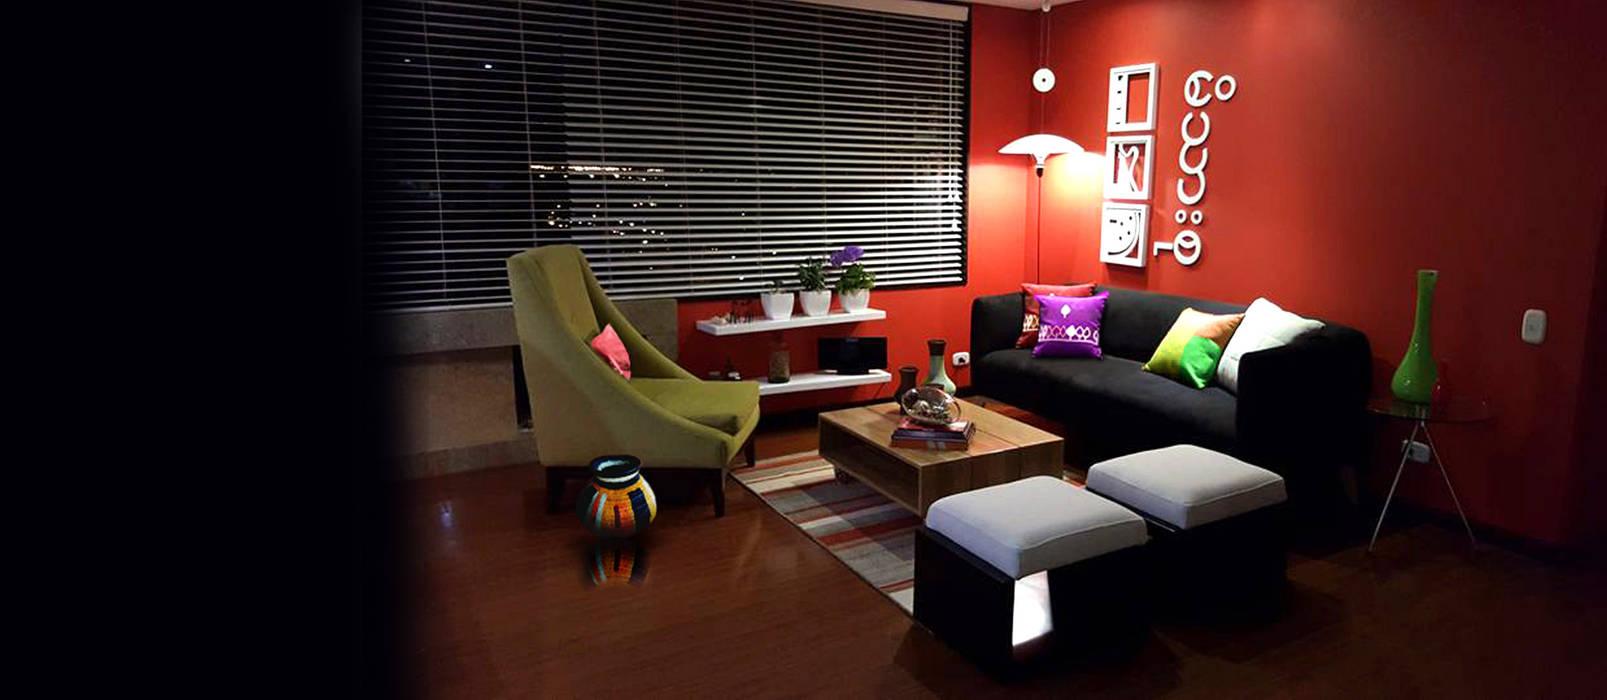 propuesta de decoración interior: Salas de estilo moderno por Omar Interior Designer  Empresa de  Diseño Interior, remodelacion, Cocinas integrales, Decoración